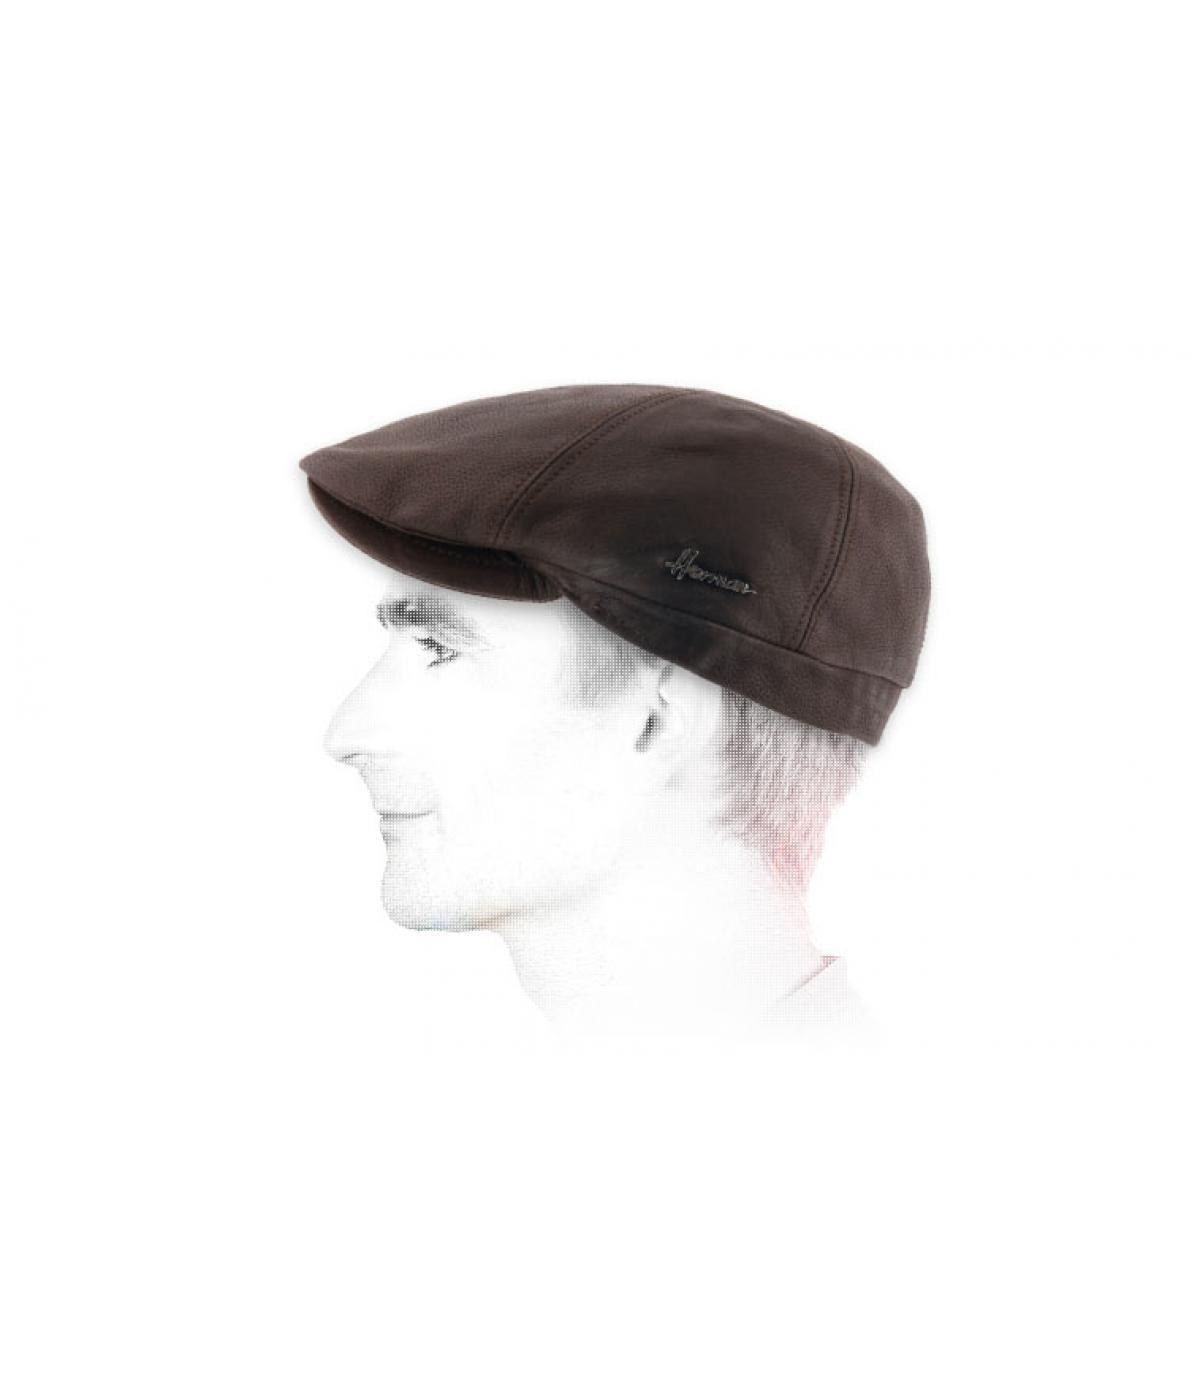 berretto di pelle marrone